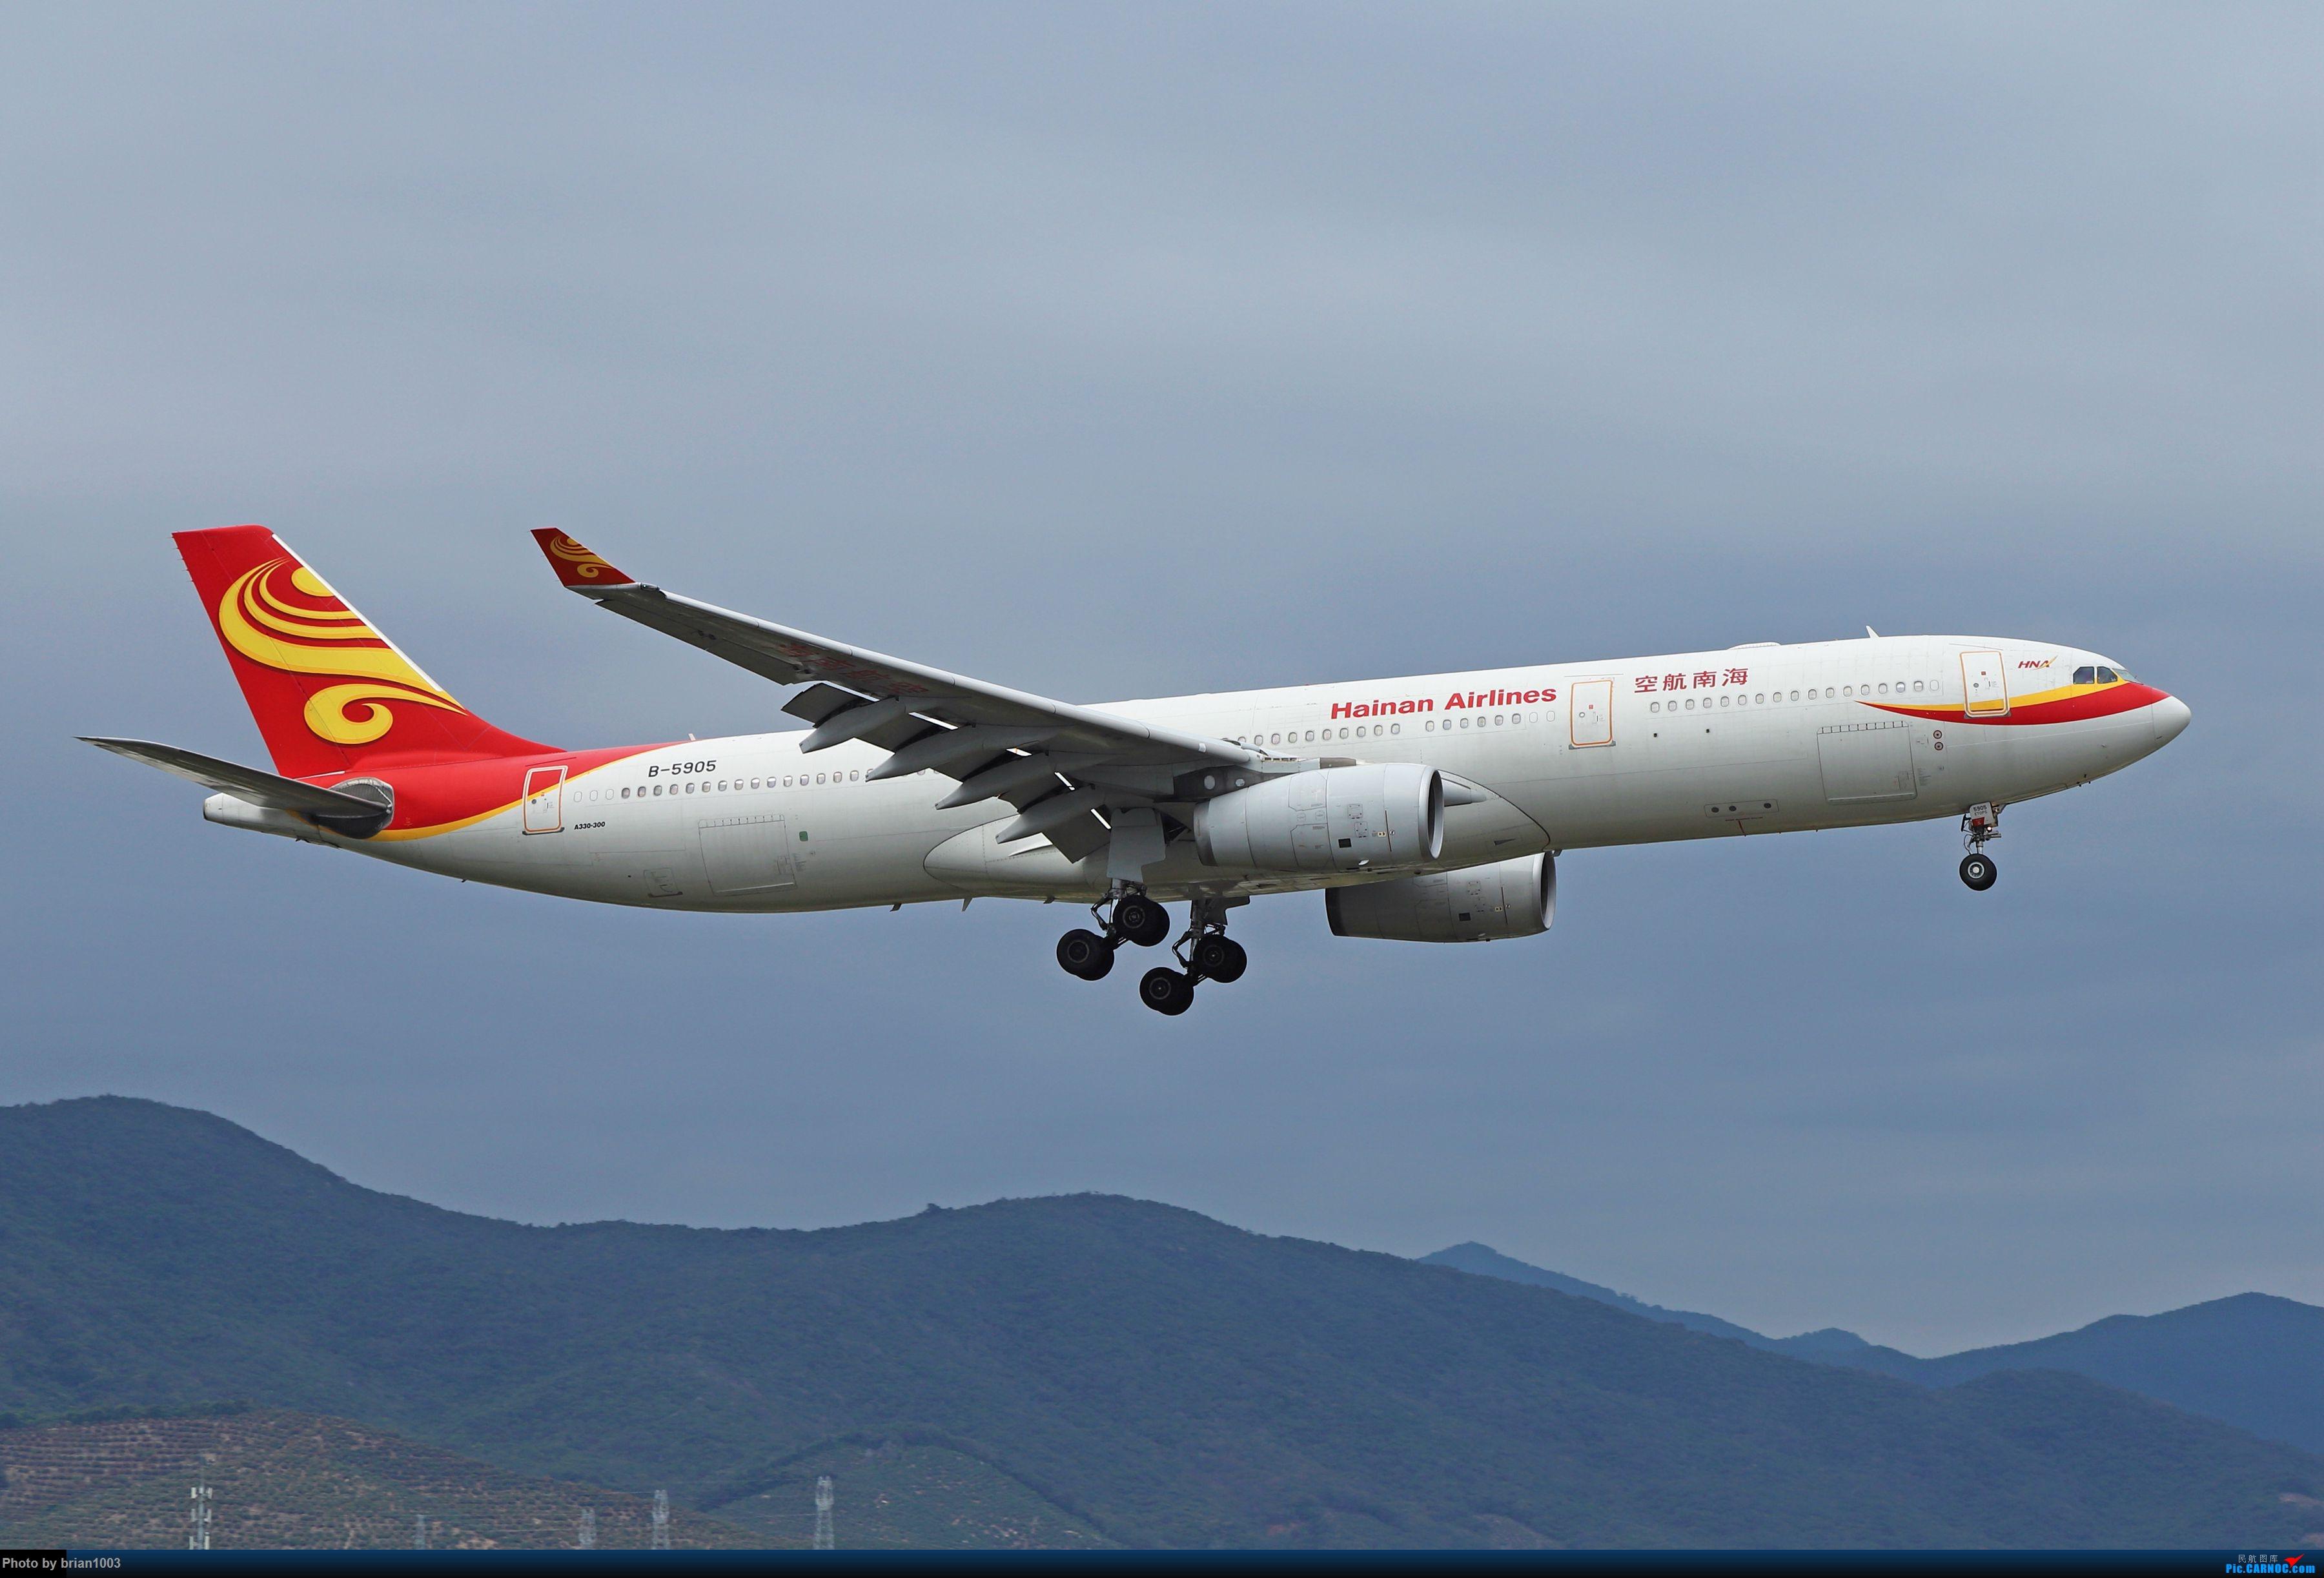 Re:[原创]CZ3347-CZ6734-HU7659,忙里偷闲的三亚拍机之行 AIRBUS A330-300 B-5905 中国三亚凤凰国际机场